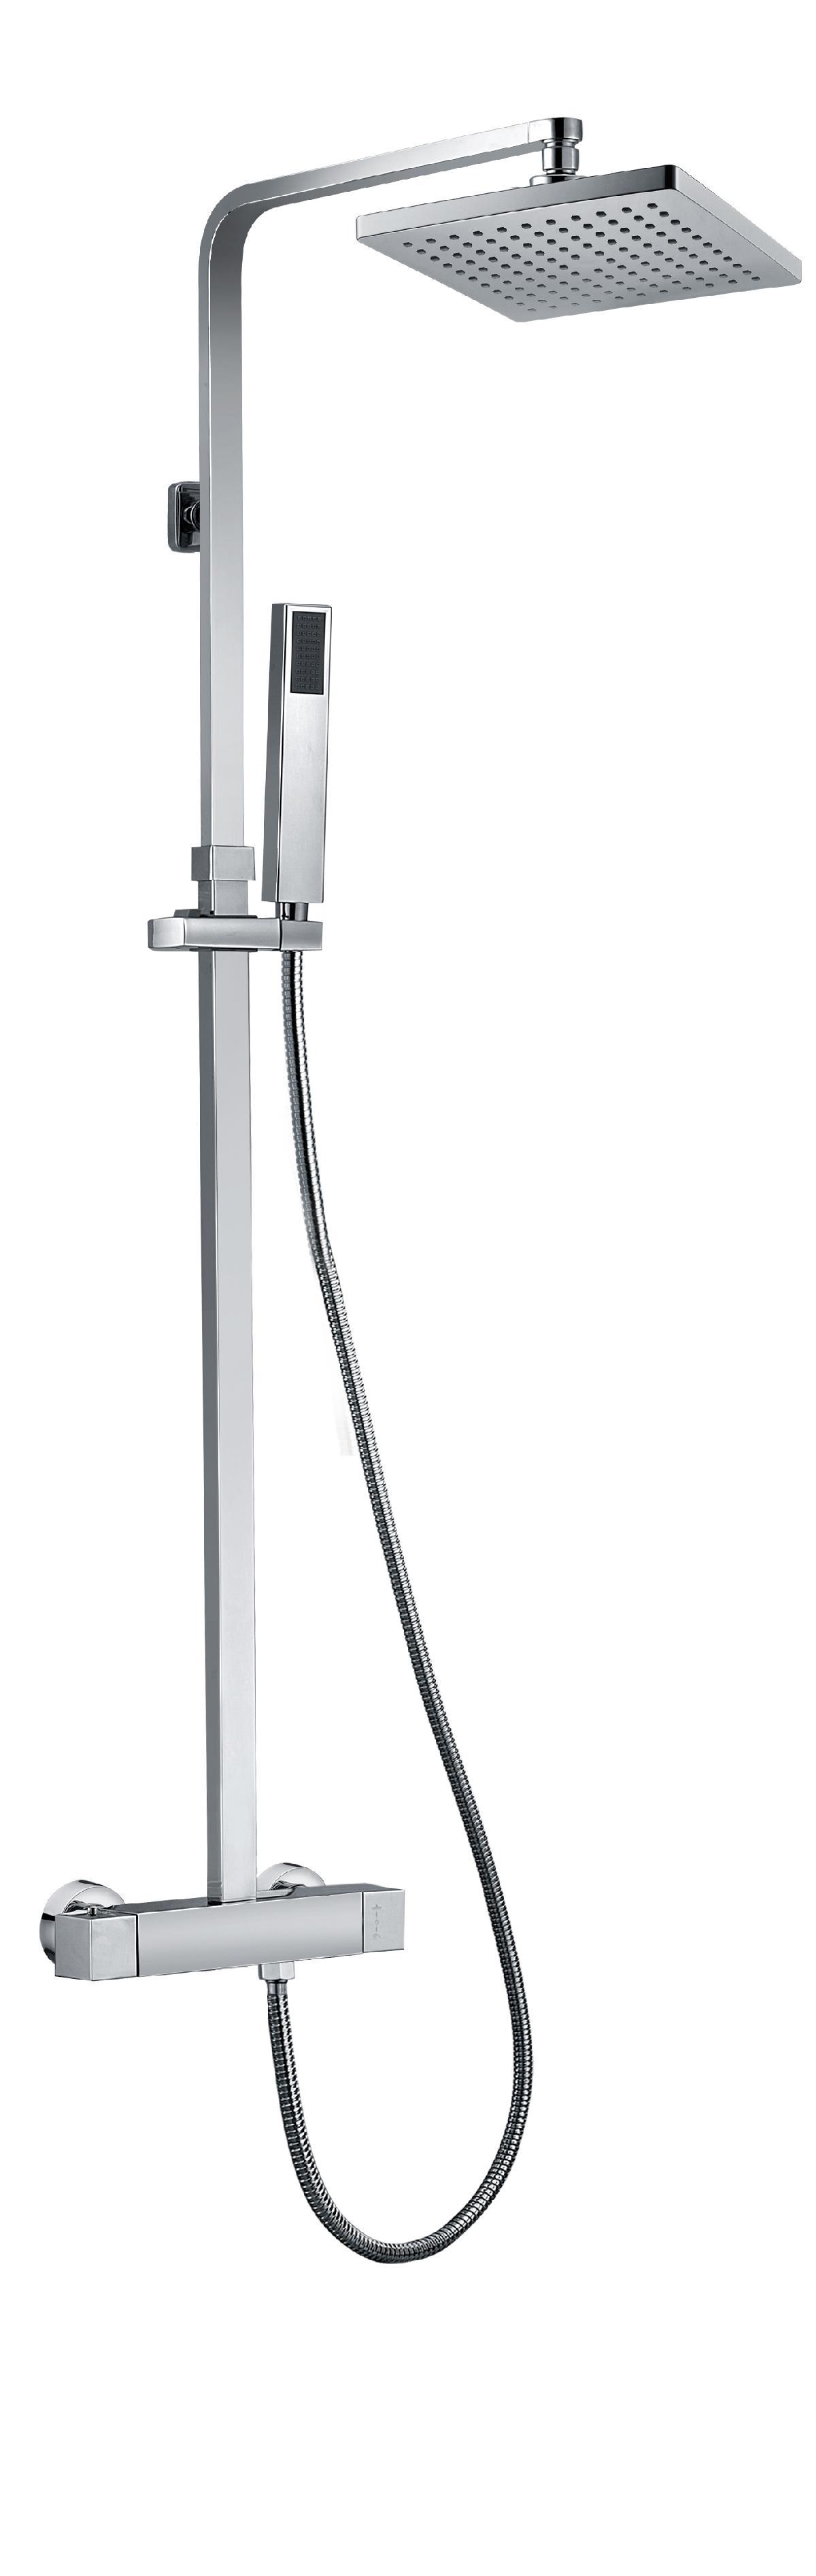 Columna ducha Quadra termostatica GME